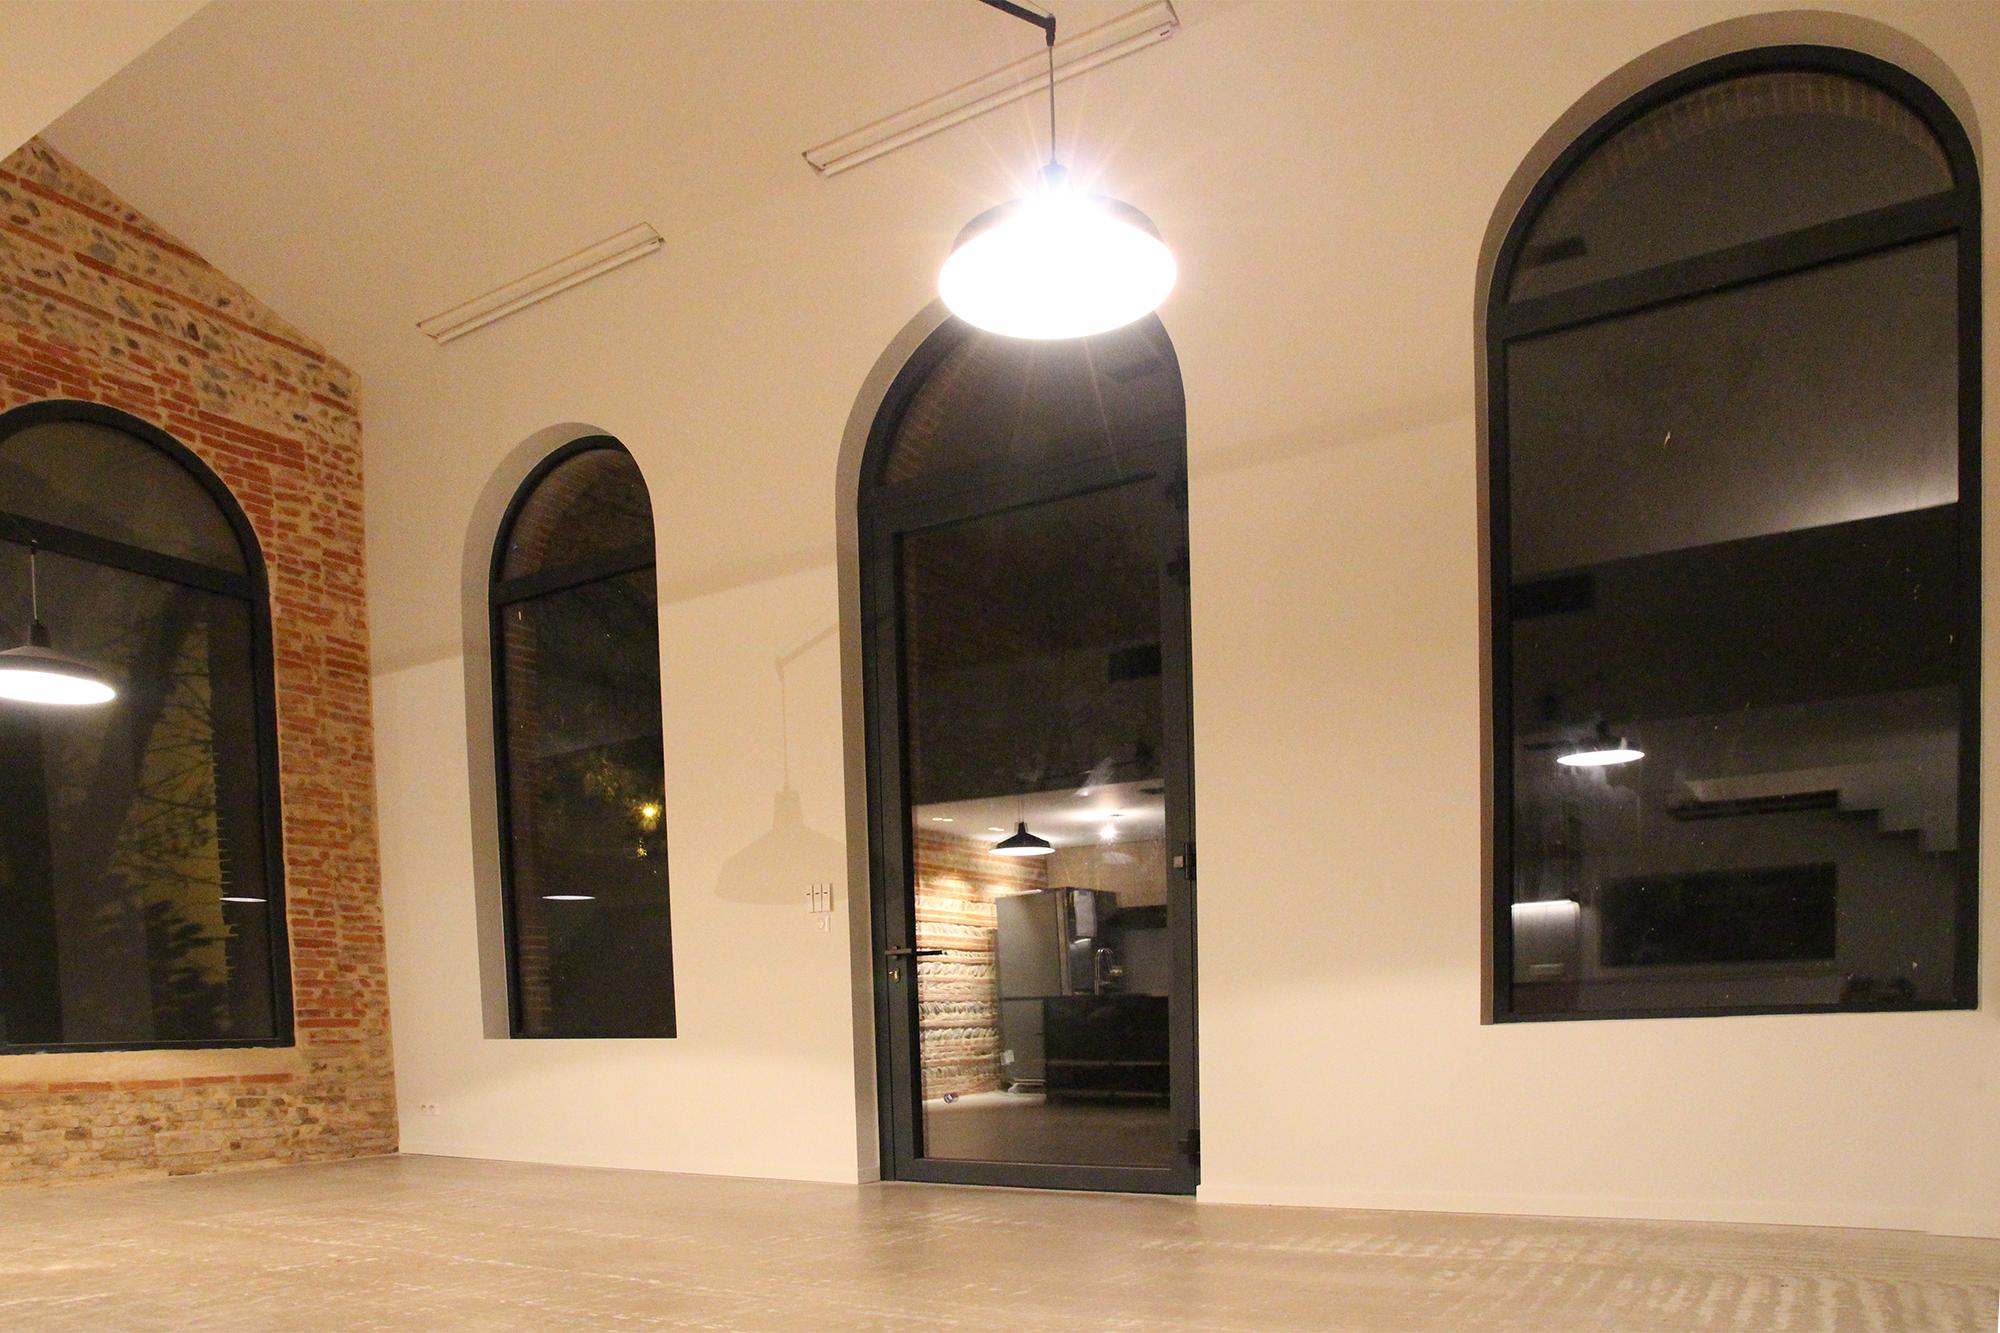 grégoire aced architecte - réhabilitation orangeraie en maison individuelle fenêtres cintrées